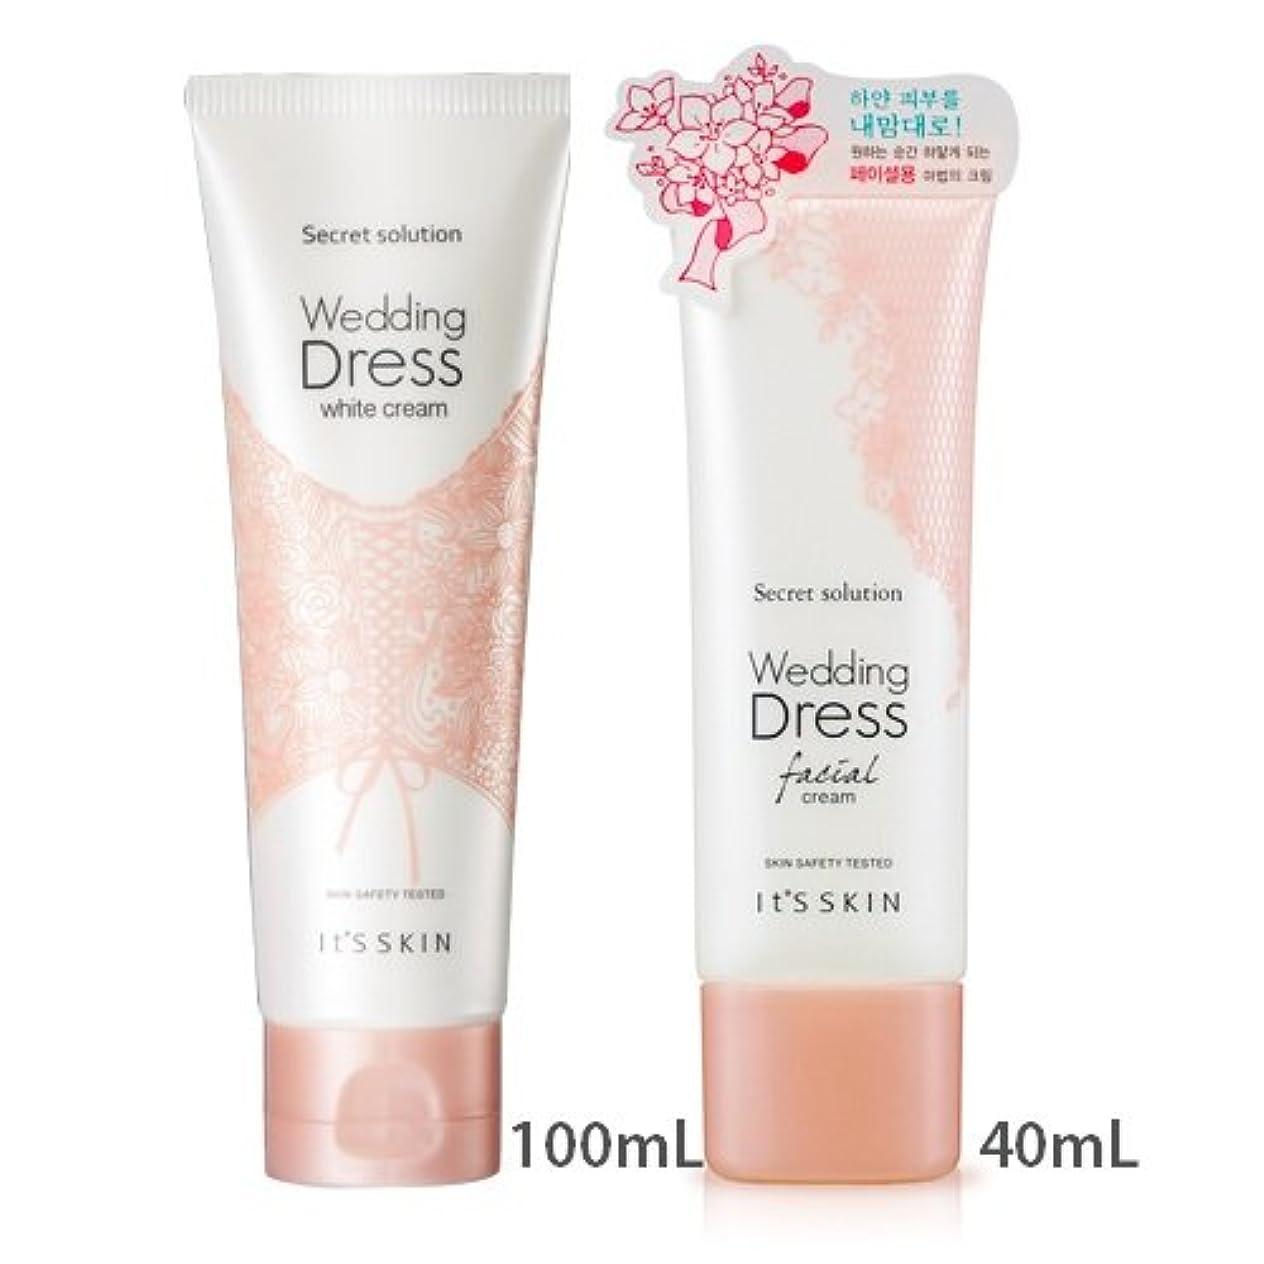 壊れたシャベル化学薬品[1+1] It's skin Secret Solution Wedding Dress Facial Cream 40mL + Secret Solution Wedding Dress Cream 100mL イッツスキン...